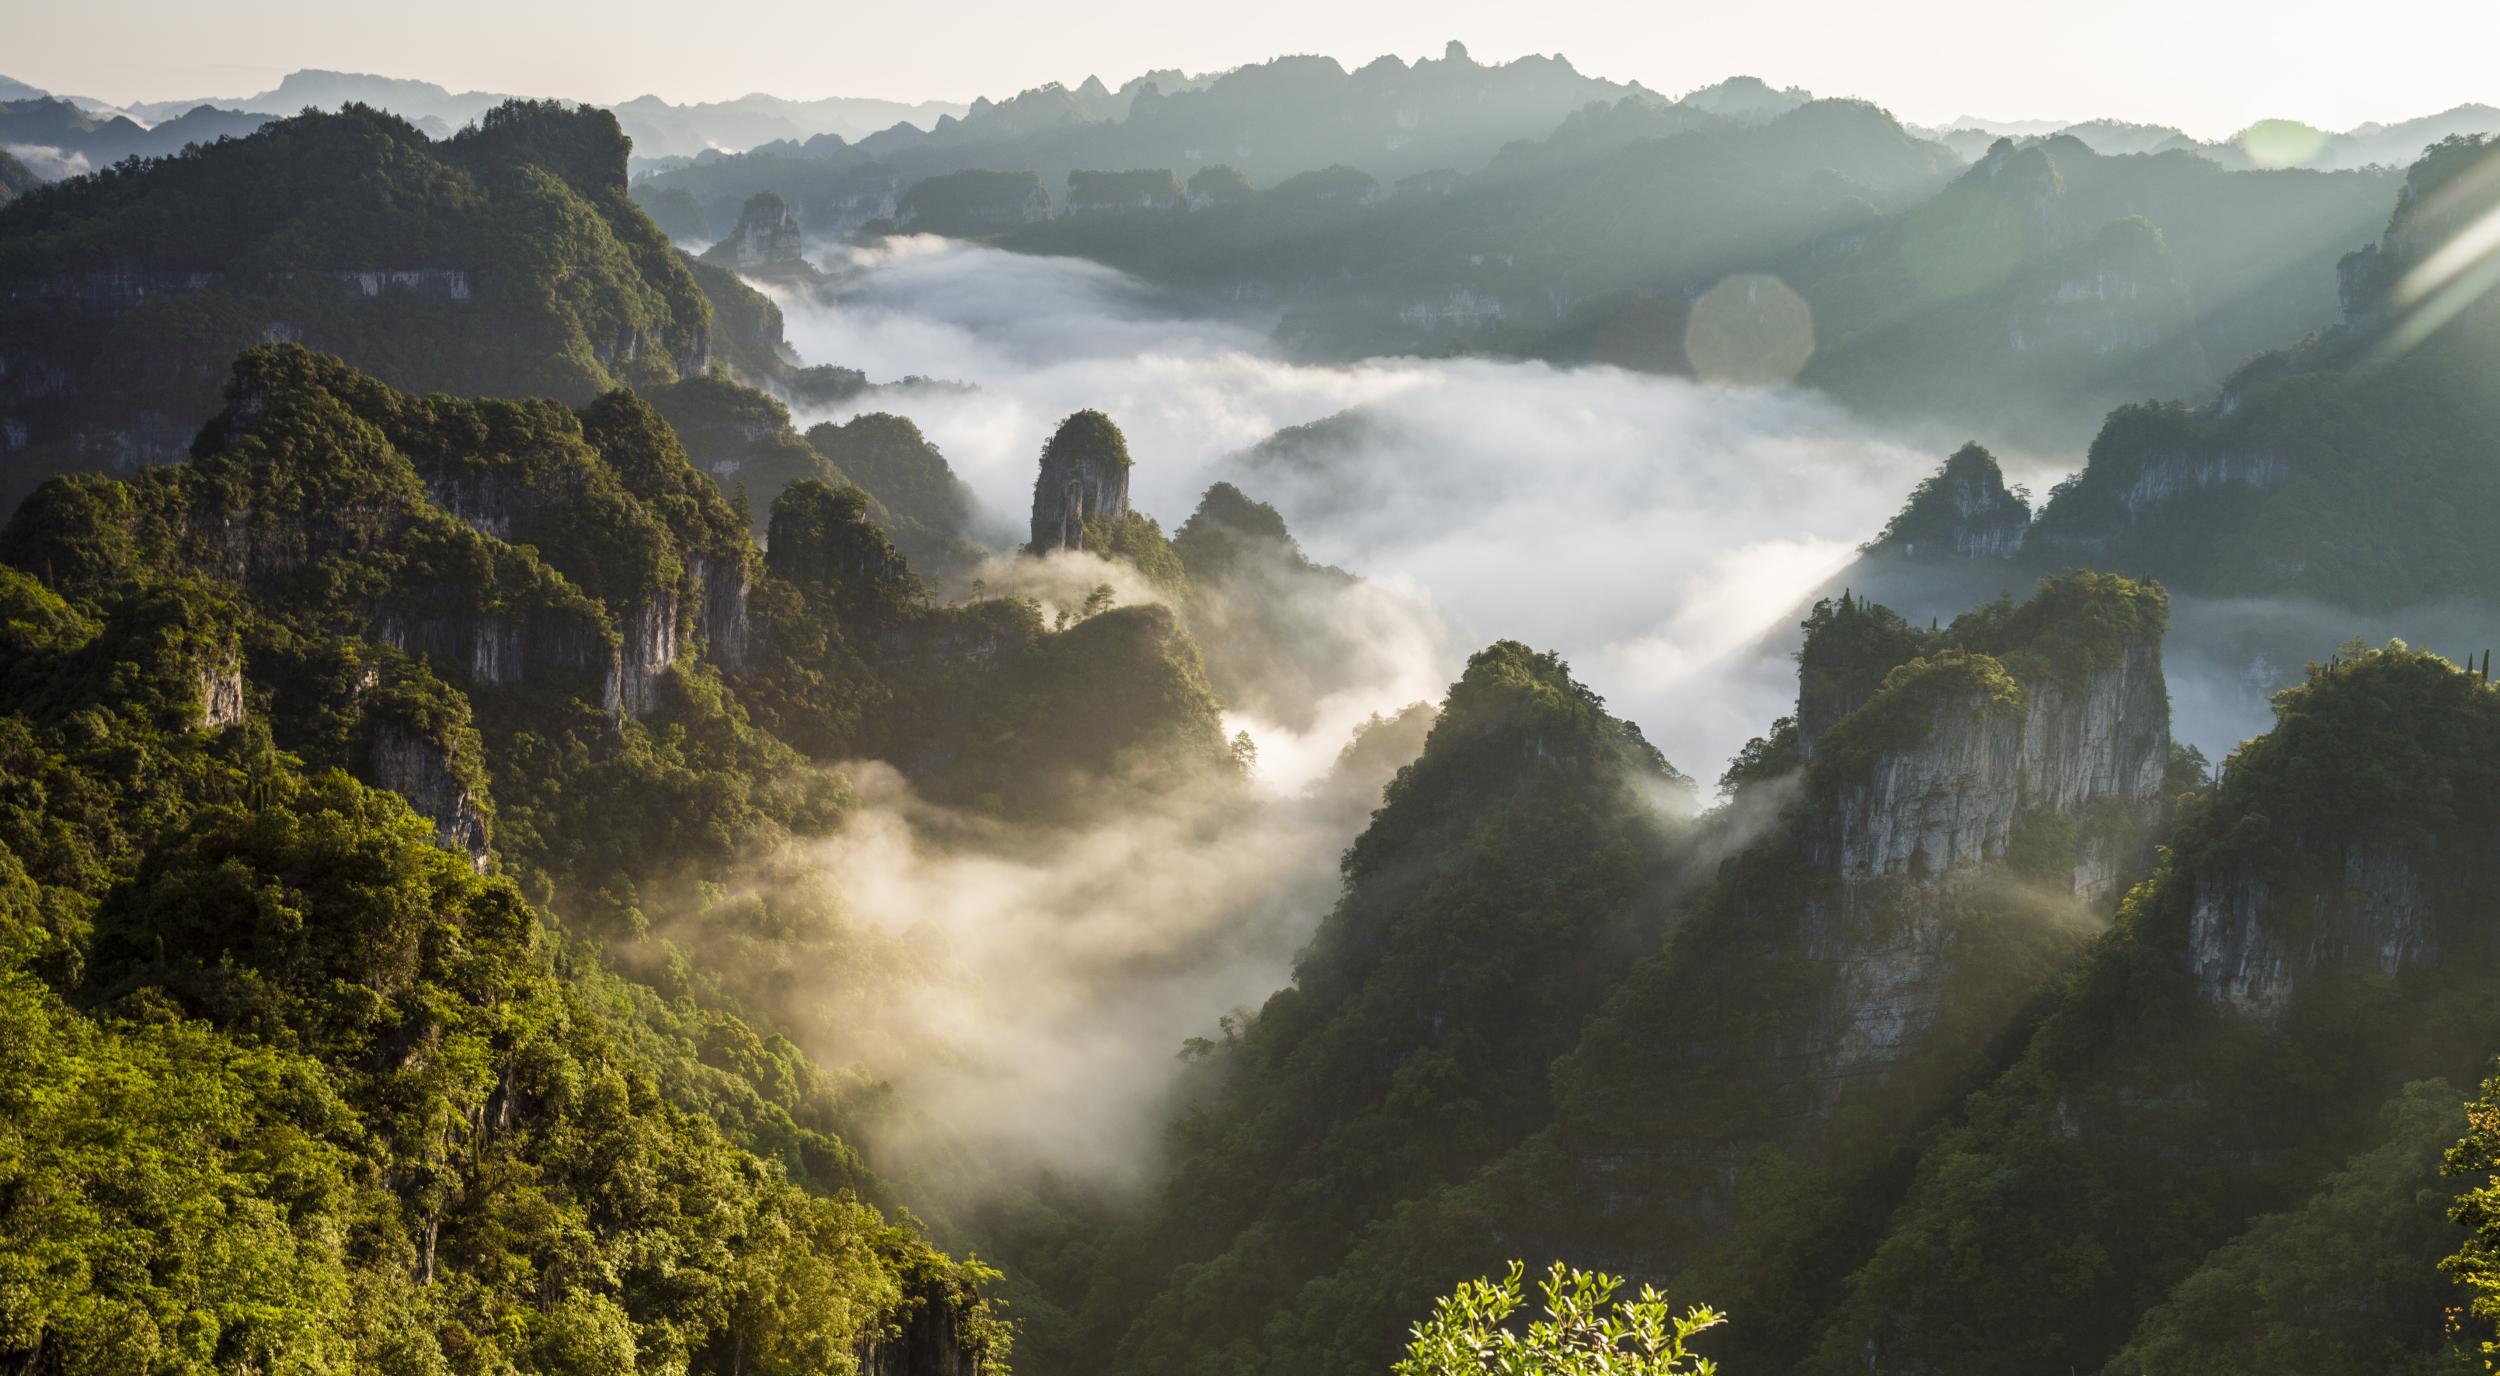 九龙山景区升级改造,将重点提升游客的游览体验,以更高的标准升级打造